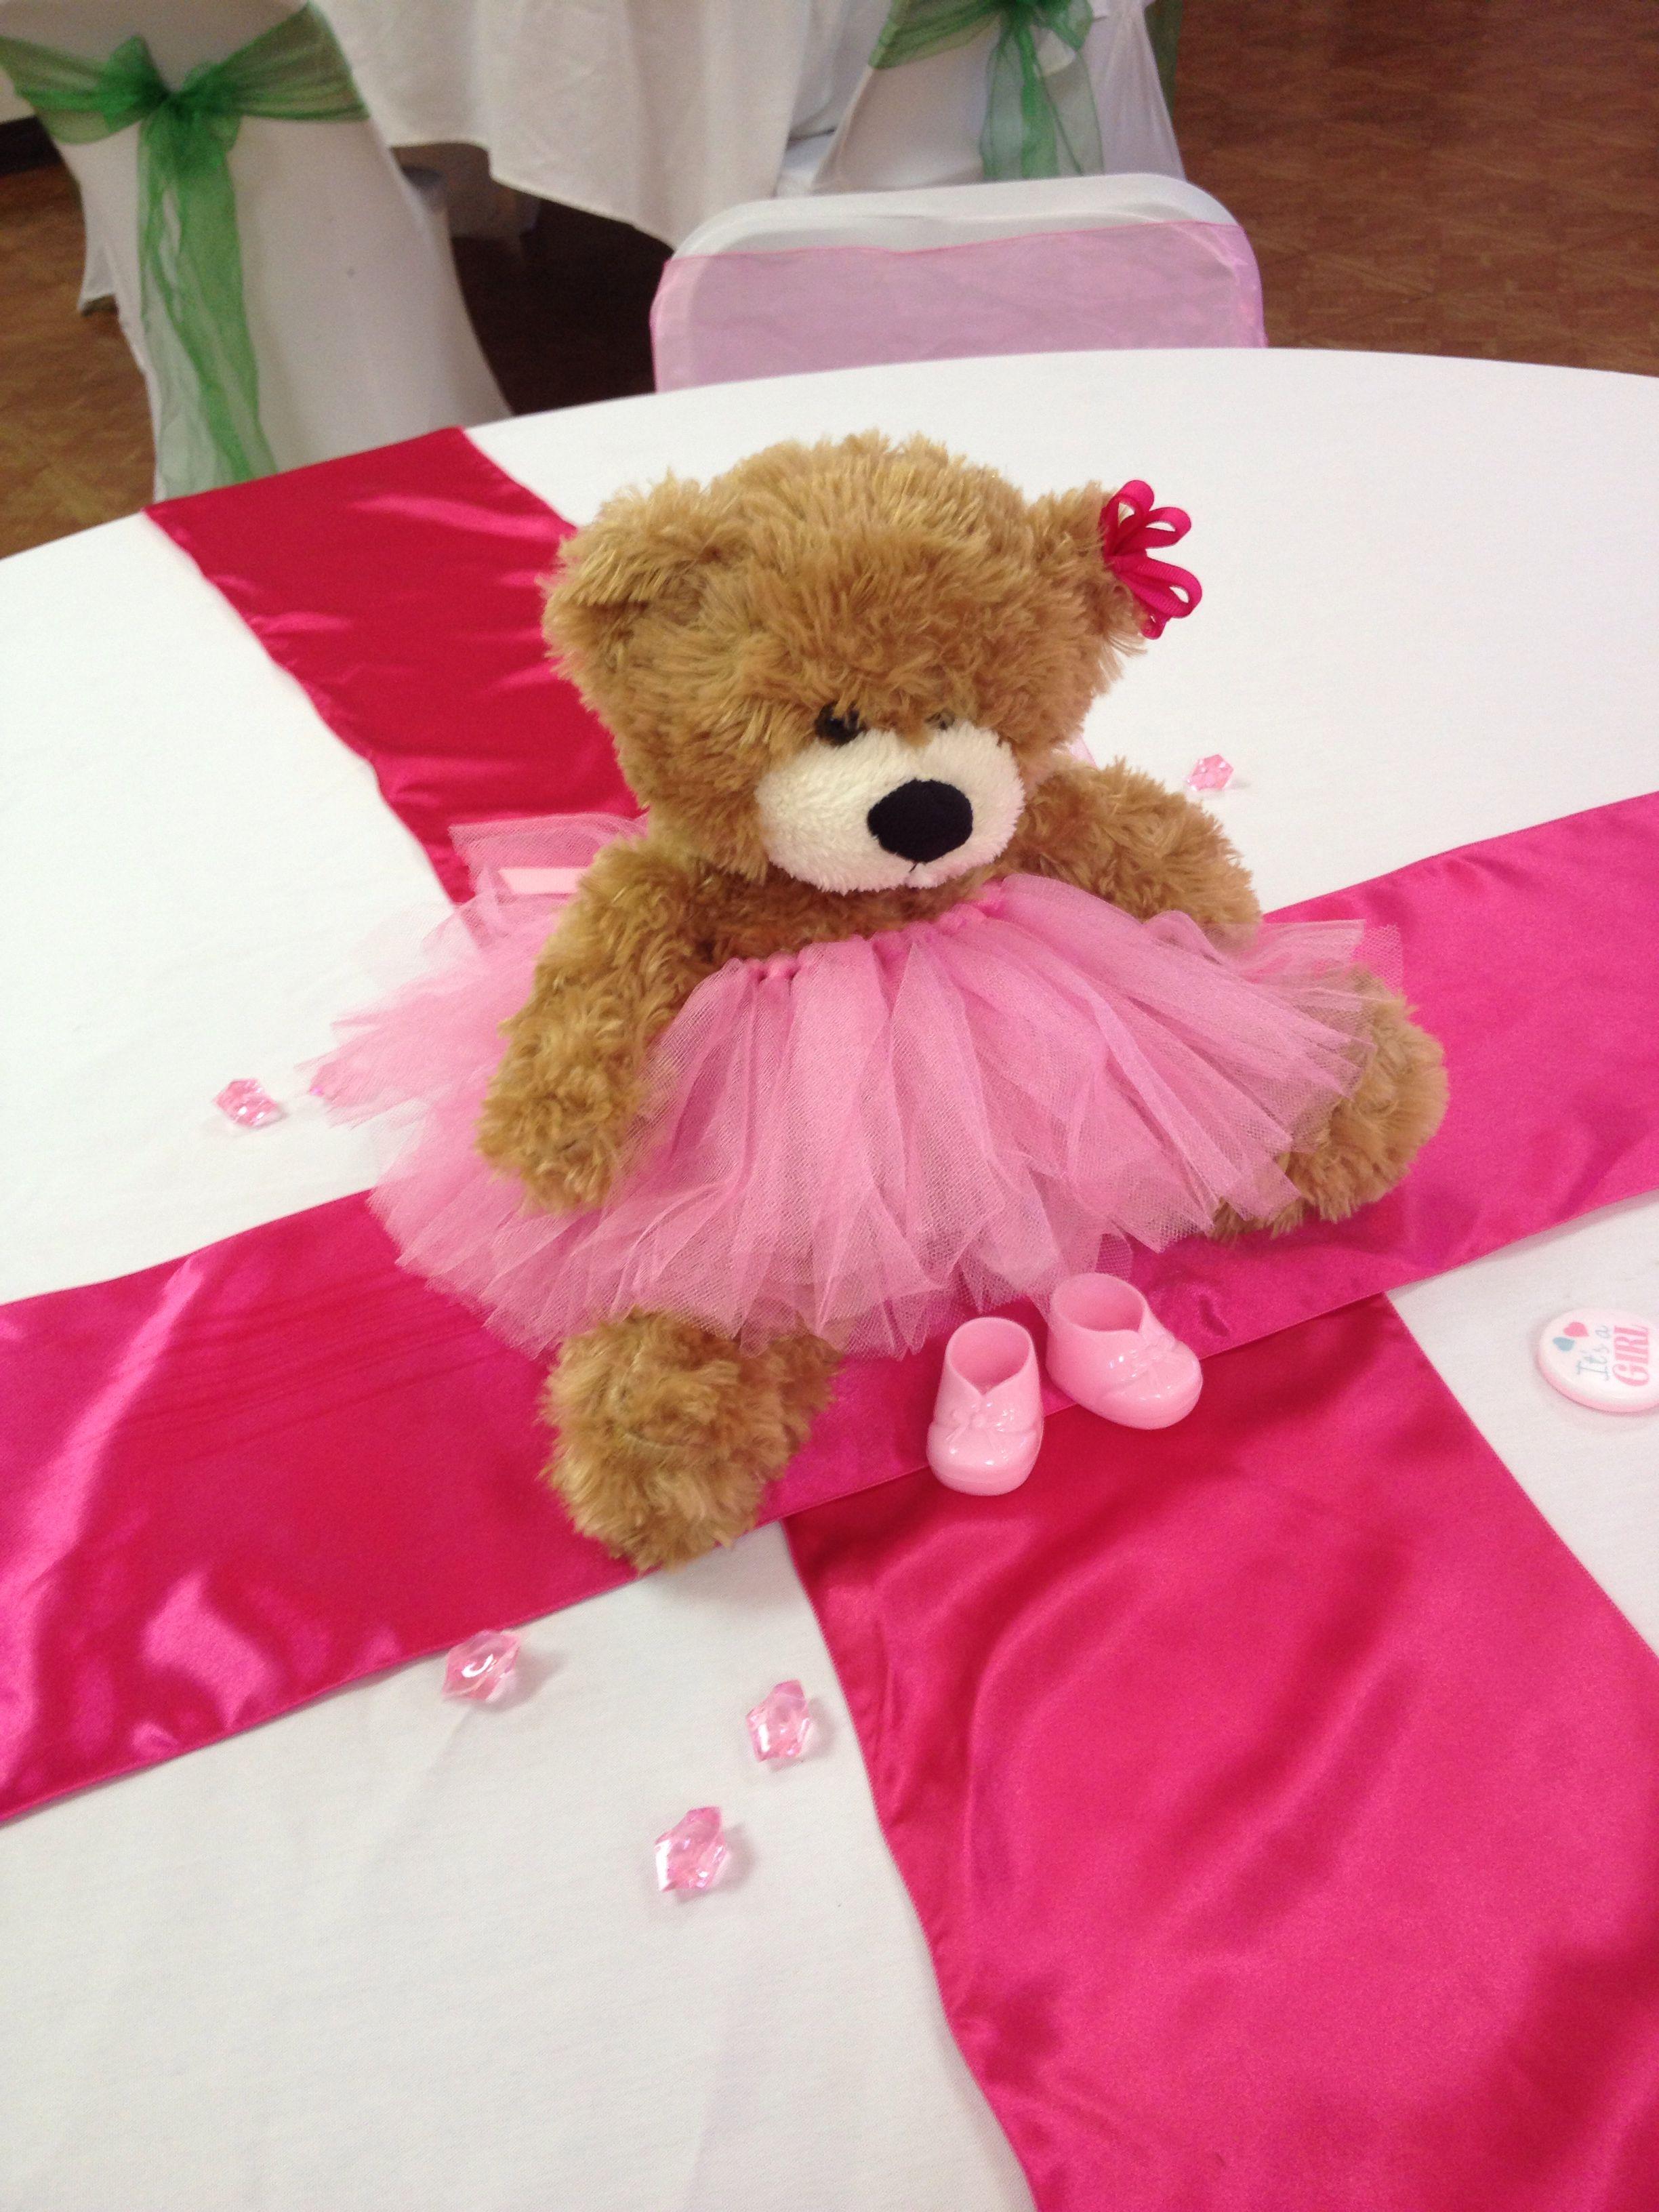 Teddy bears and tutus